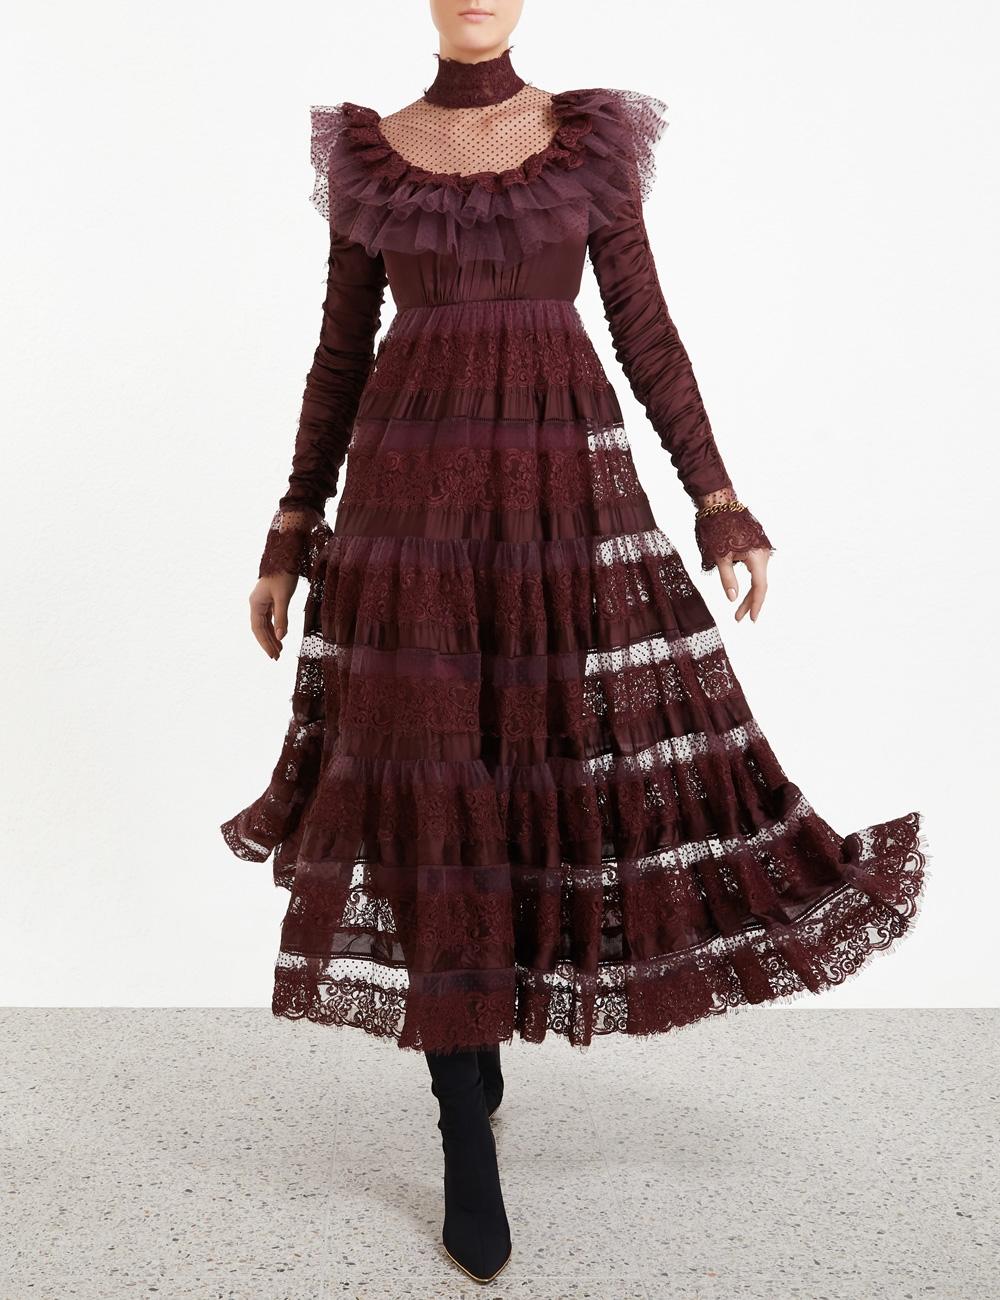 Resistance Ruffle Yoke Dress